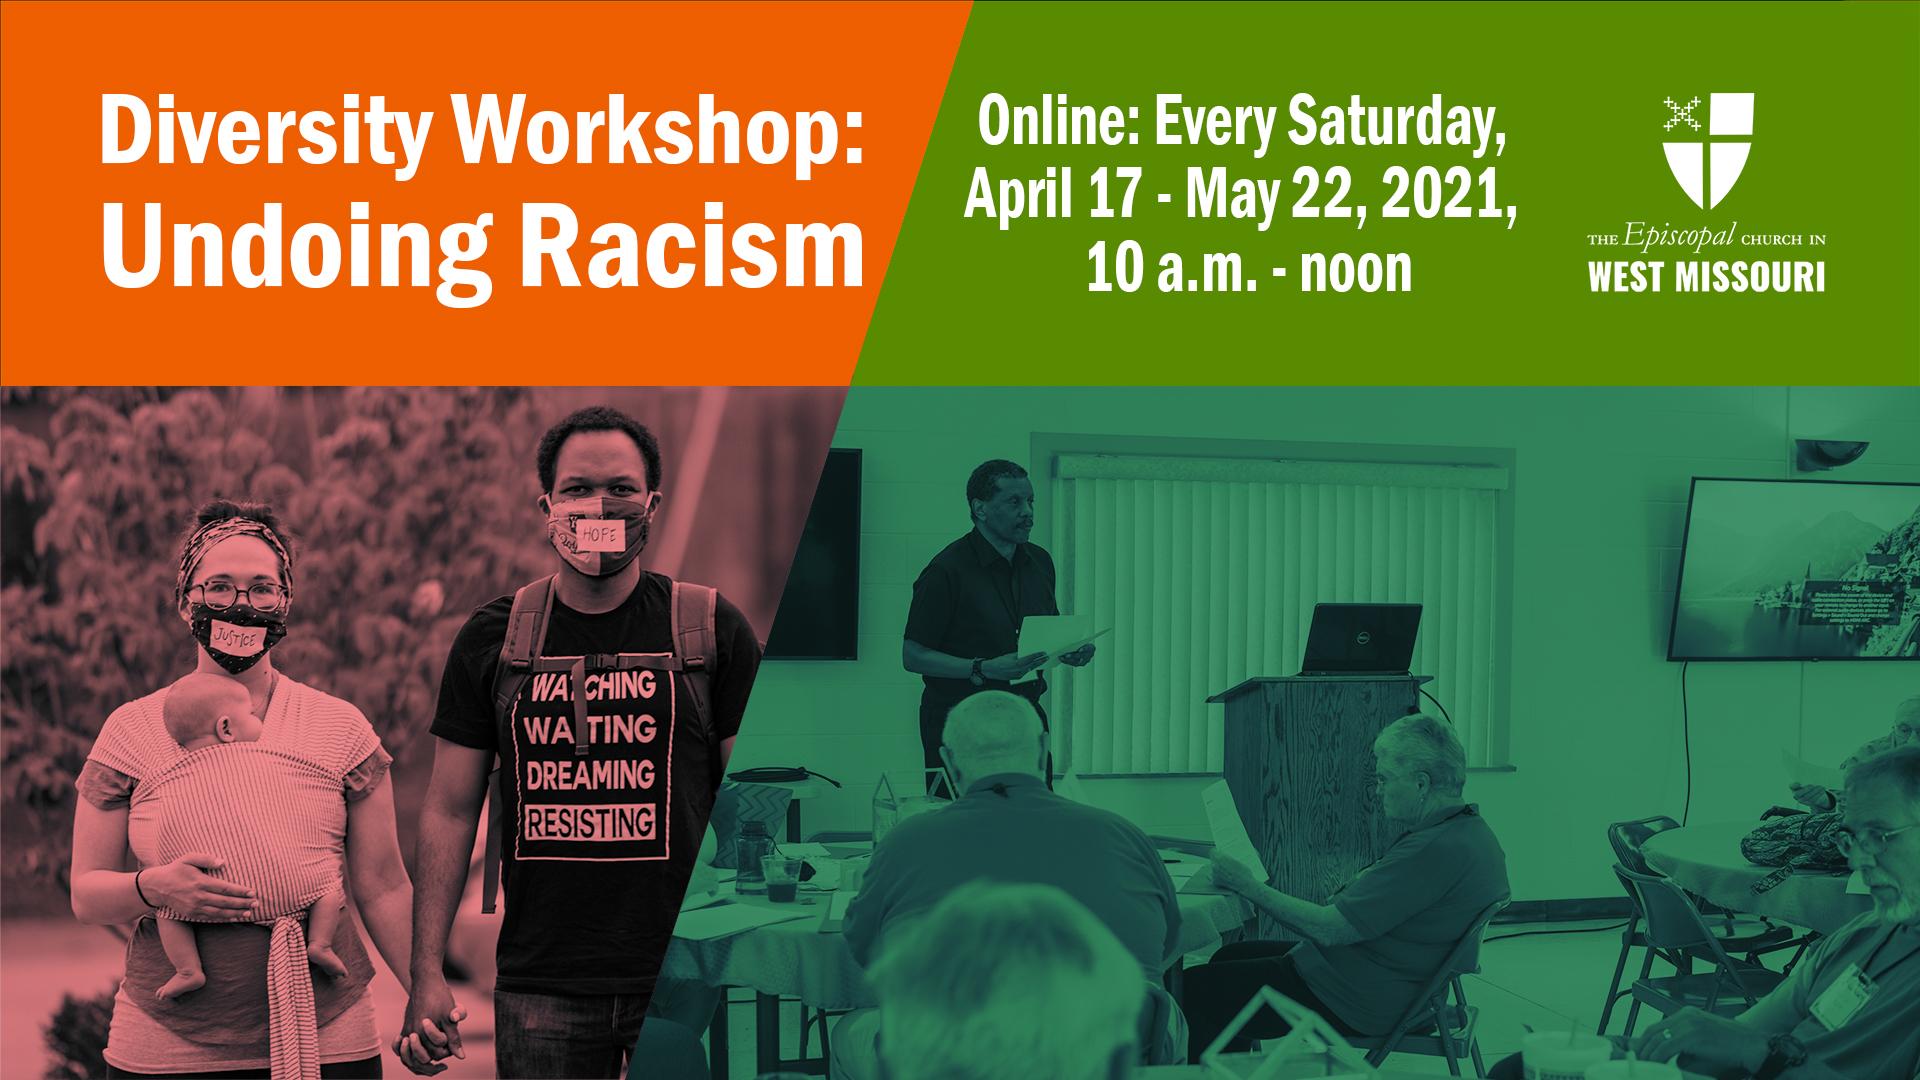 Diversity Workshop: Undoing Racism